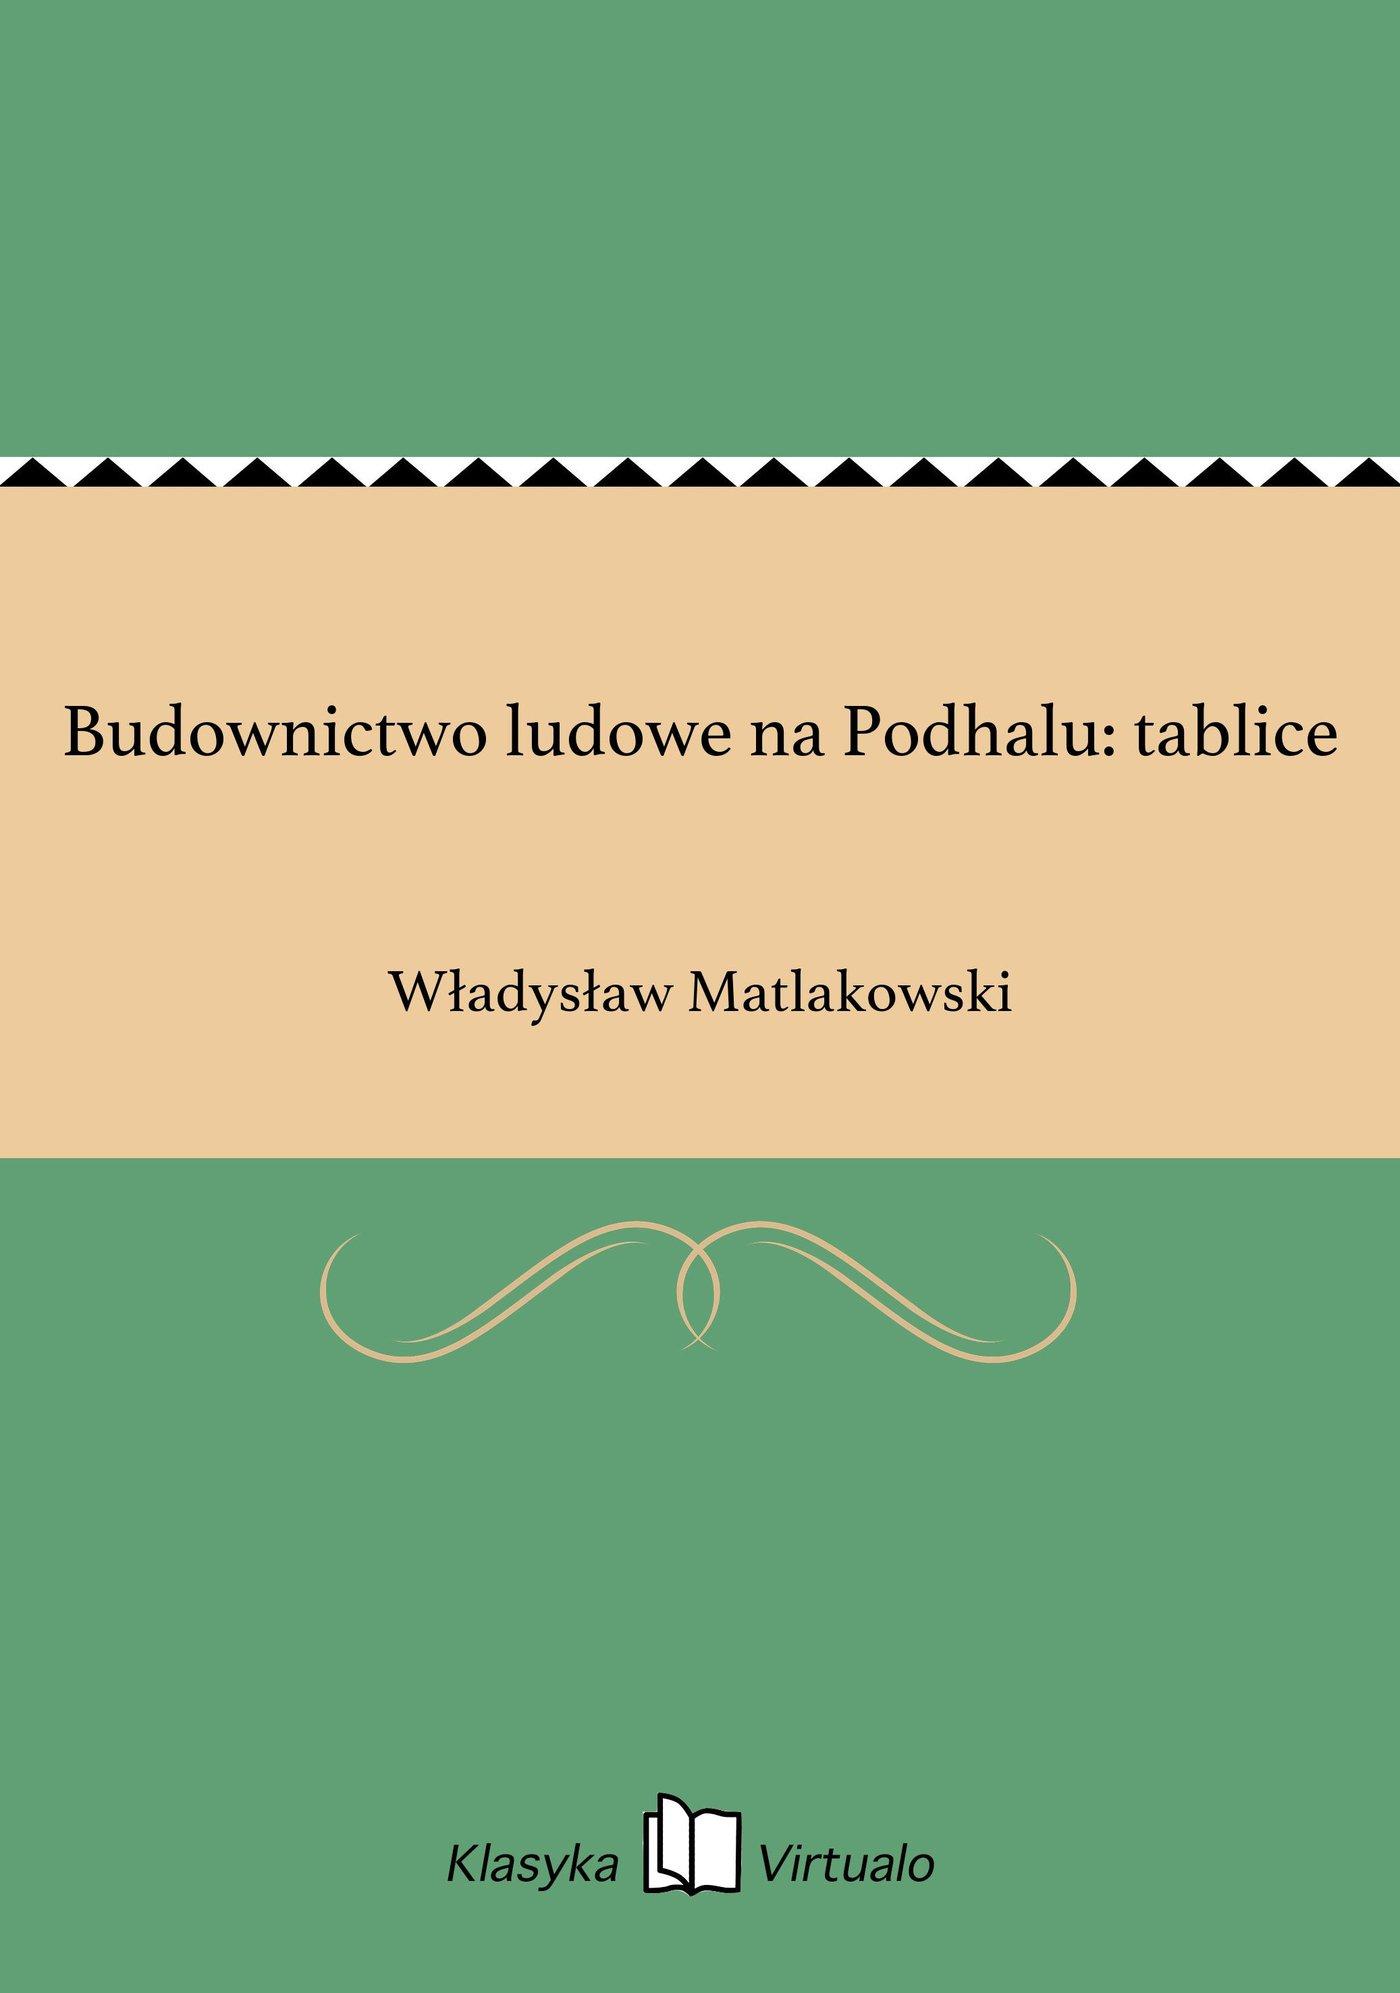 Budownictwo ludowe na Podhalu: tablice - Ebook (Książka EPUB) do pobrania w formacie EPUB